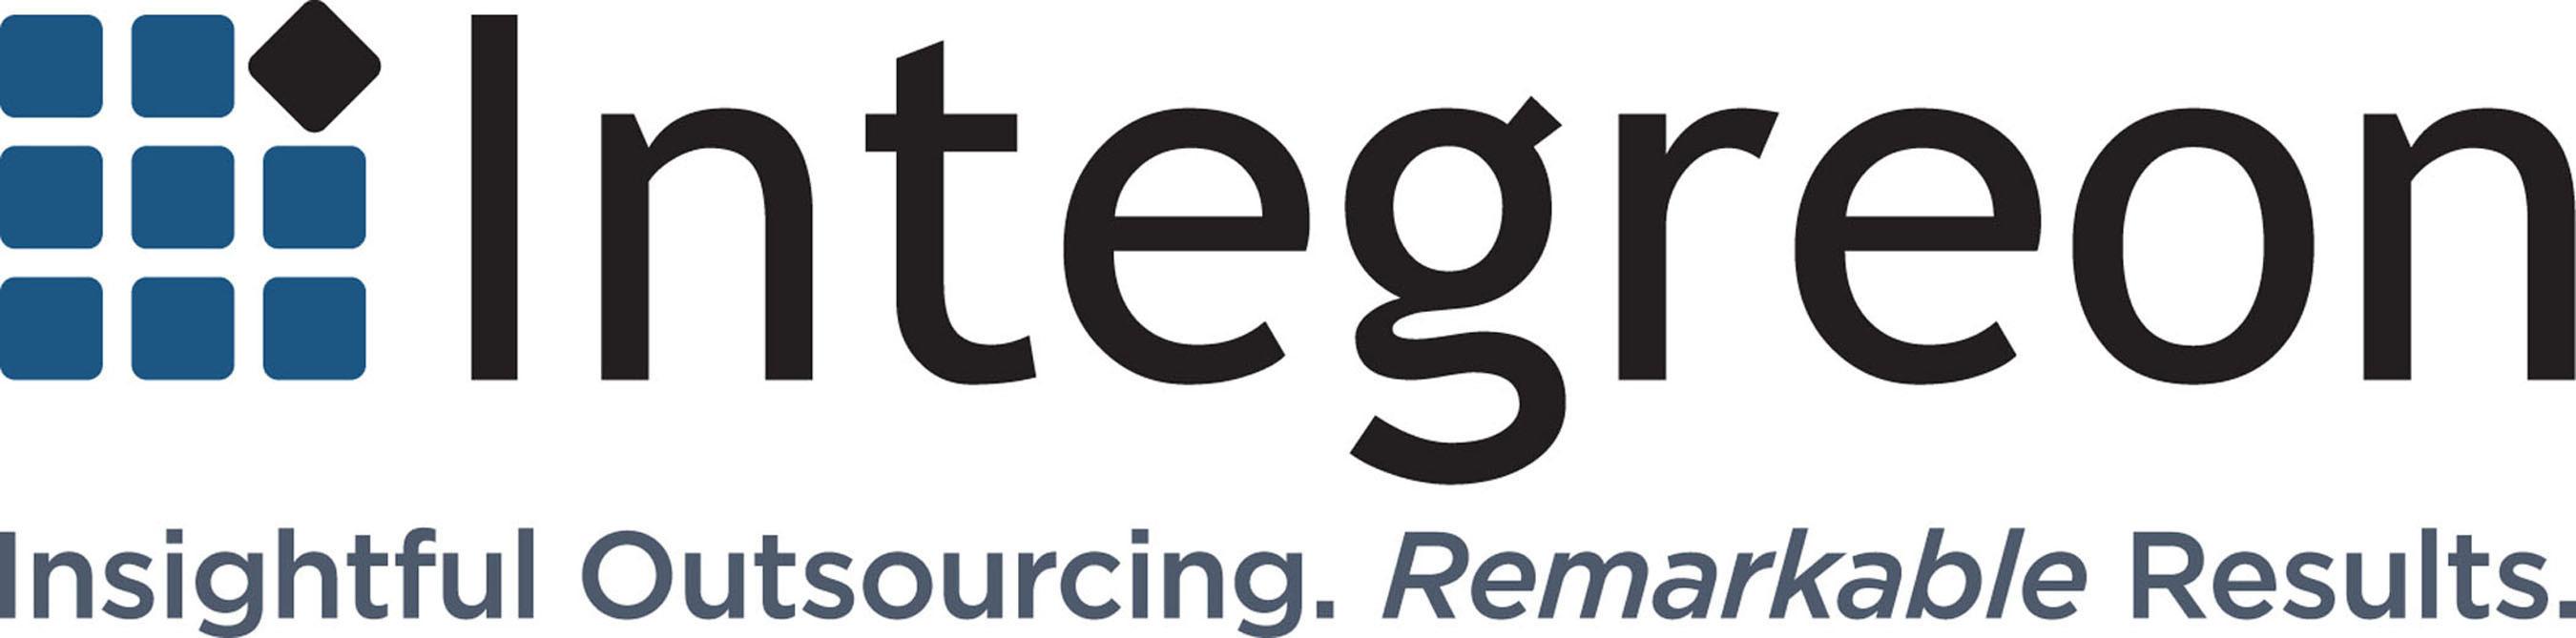 Integreon logo.